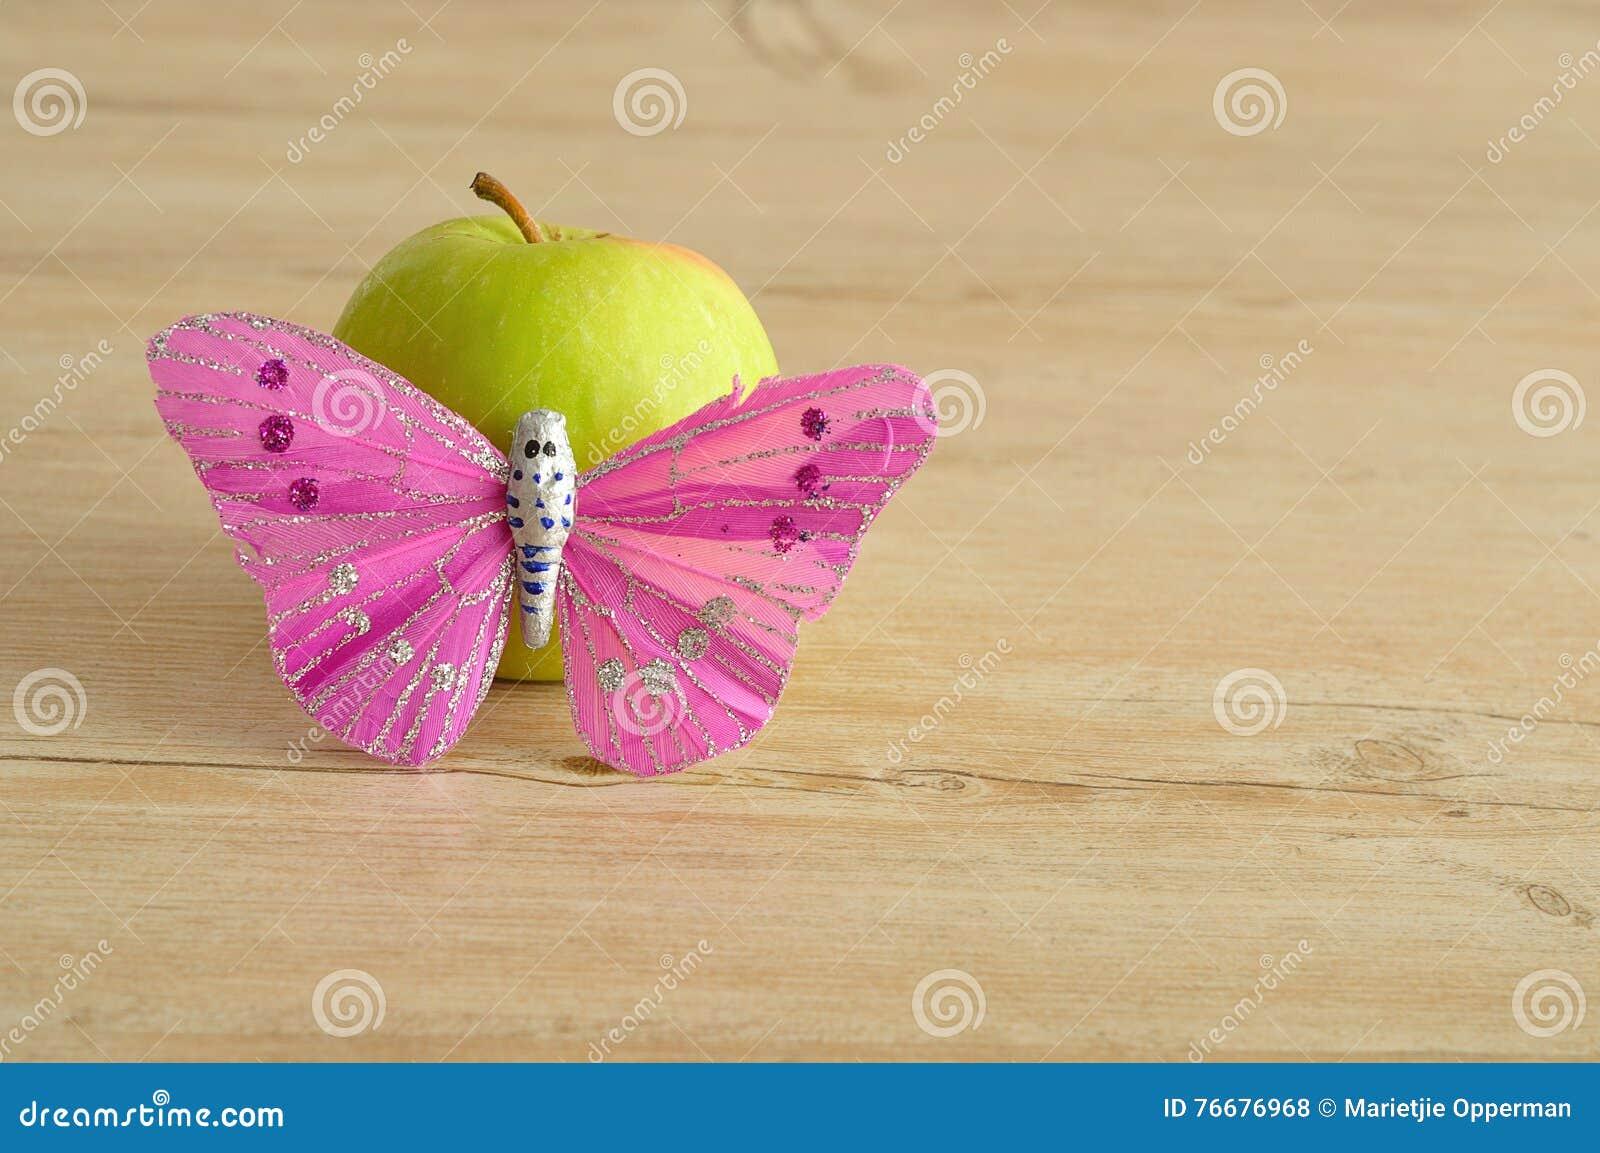 Dieta de las mariposas